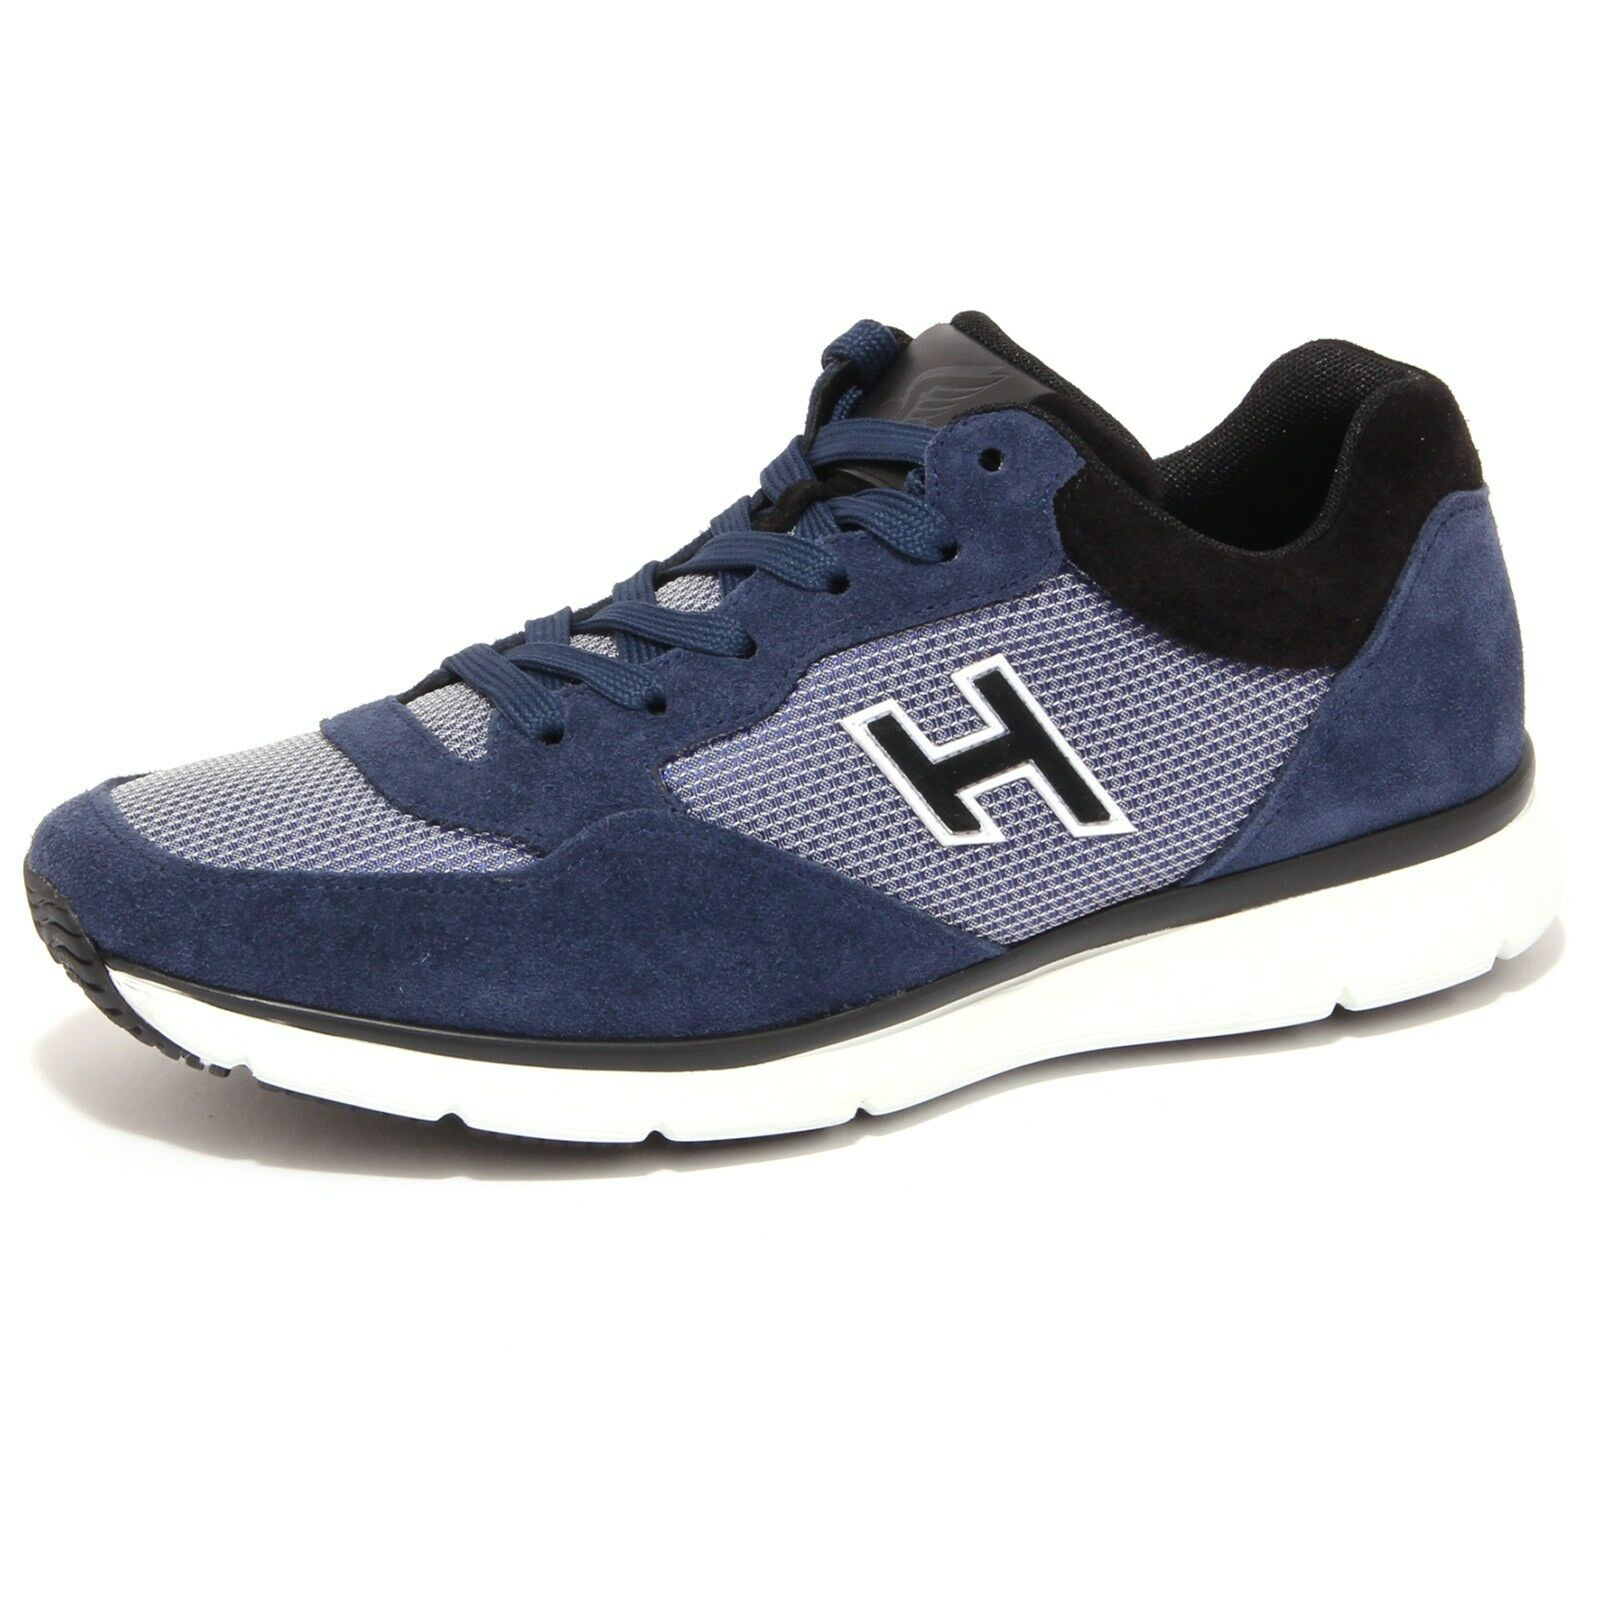 4194Q zapatilla de deporte hombres HOGAN H FLOCK azul negro Ante Azul Zapatos Hombres